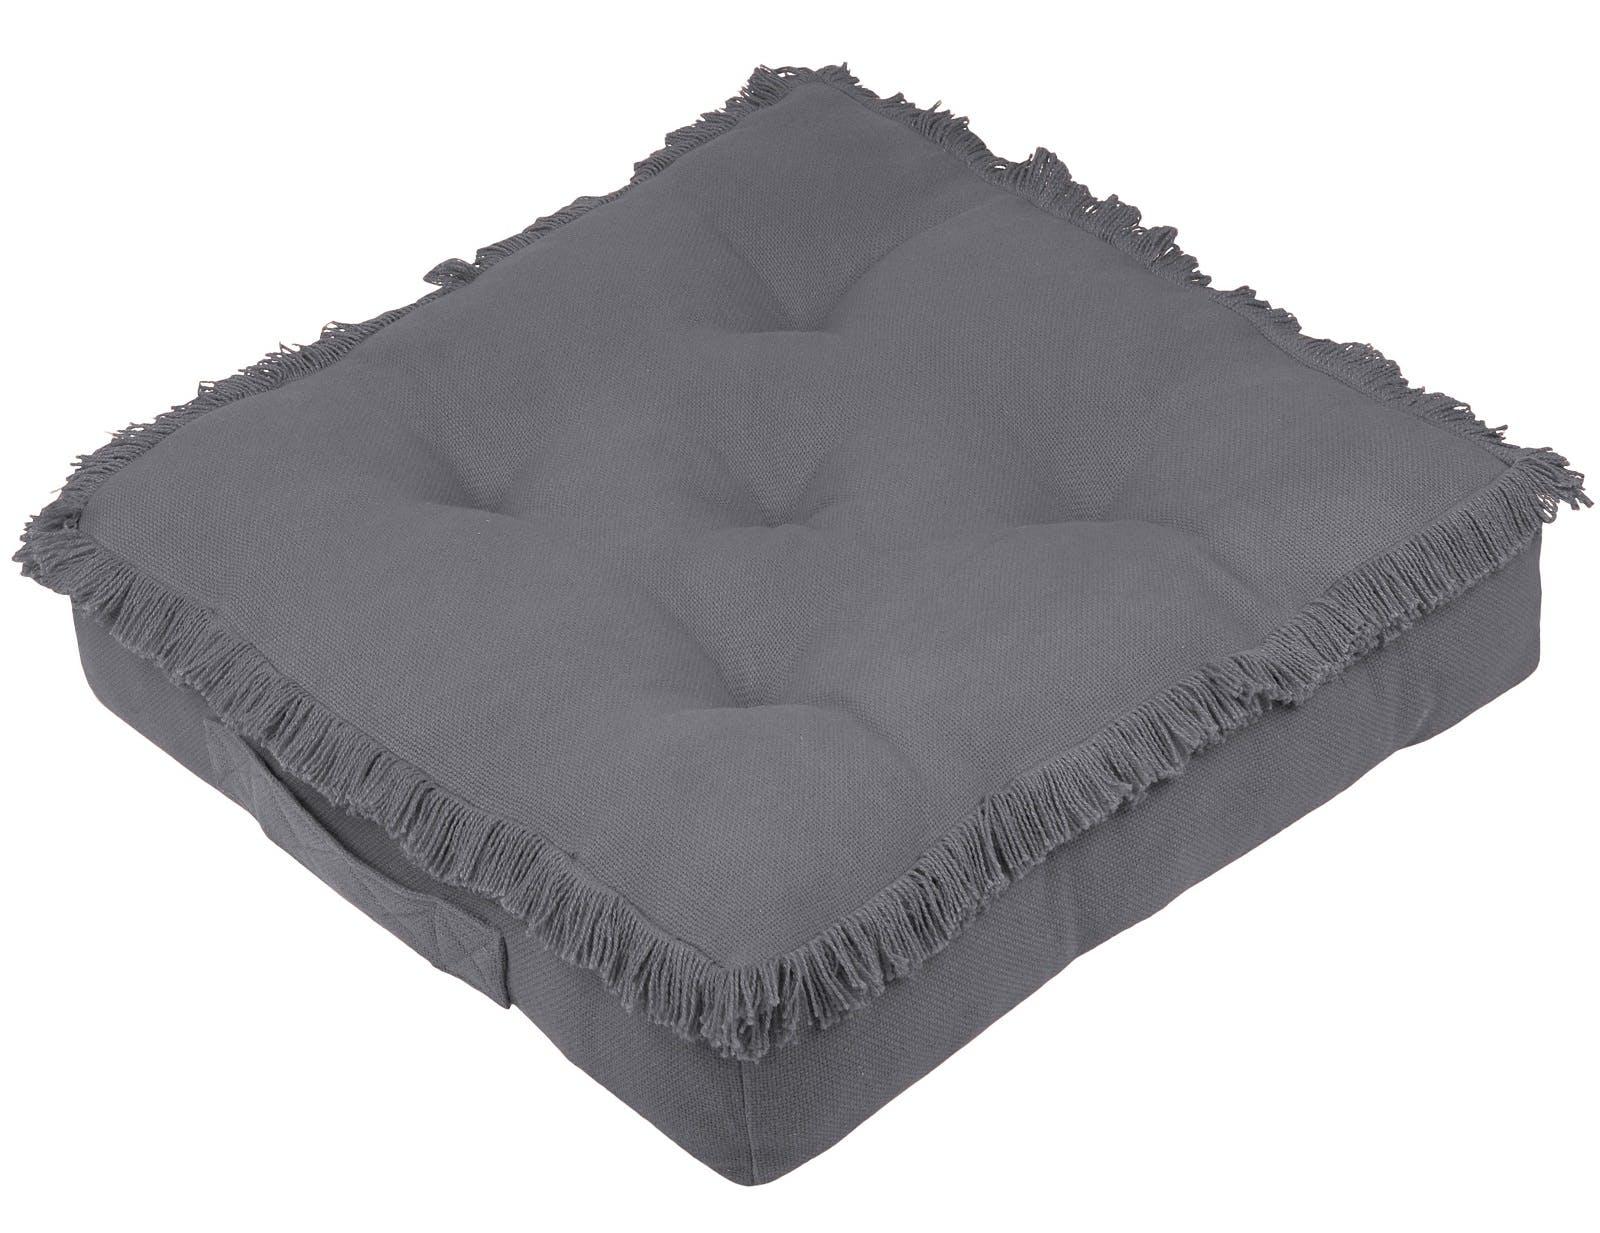 Coussin de sol anthracite 45x45x10cm PRAGUE